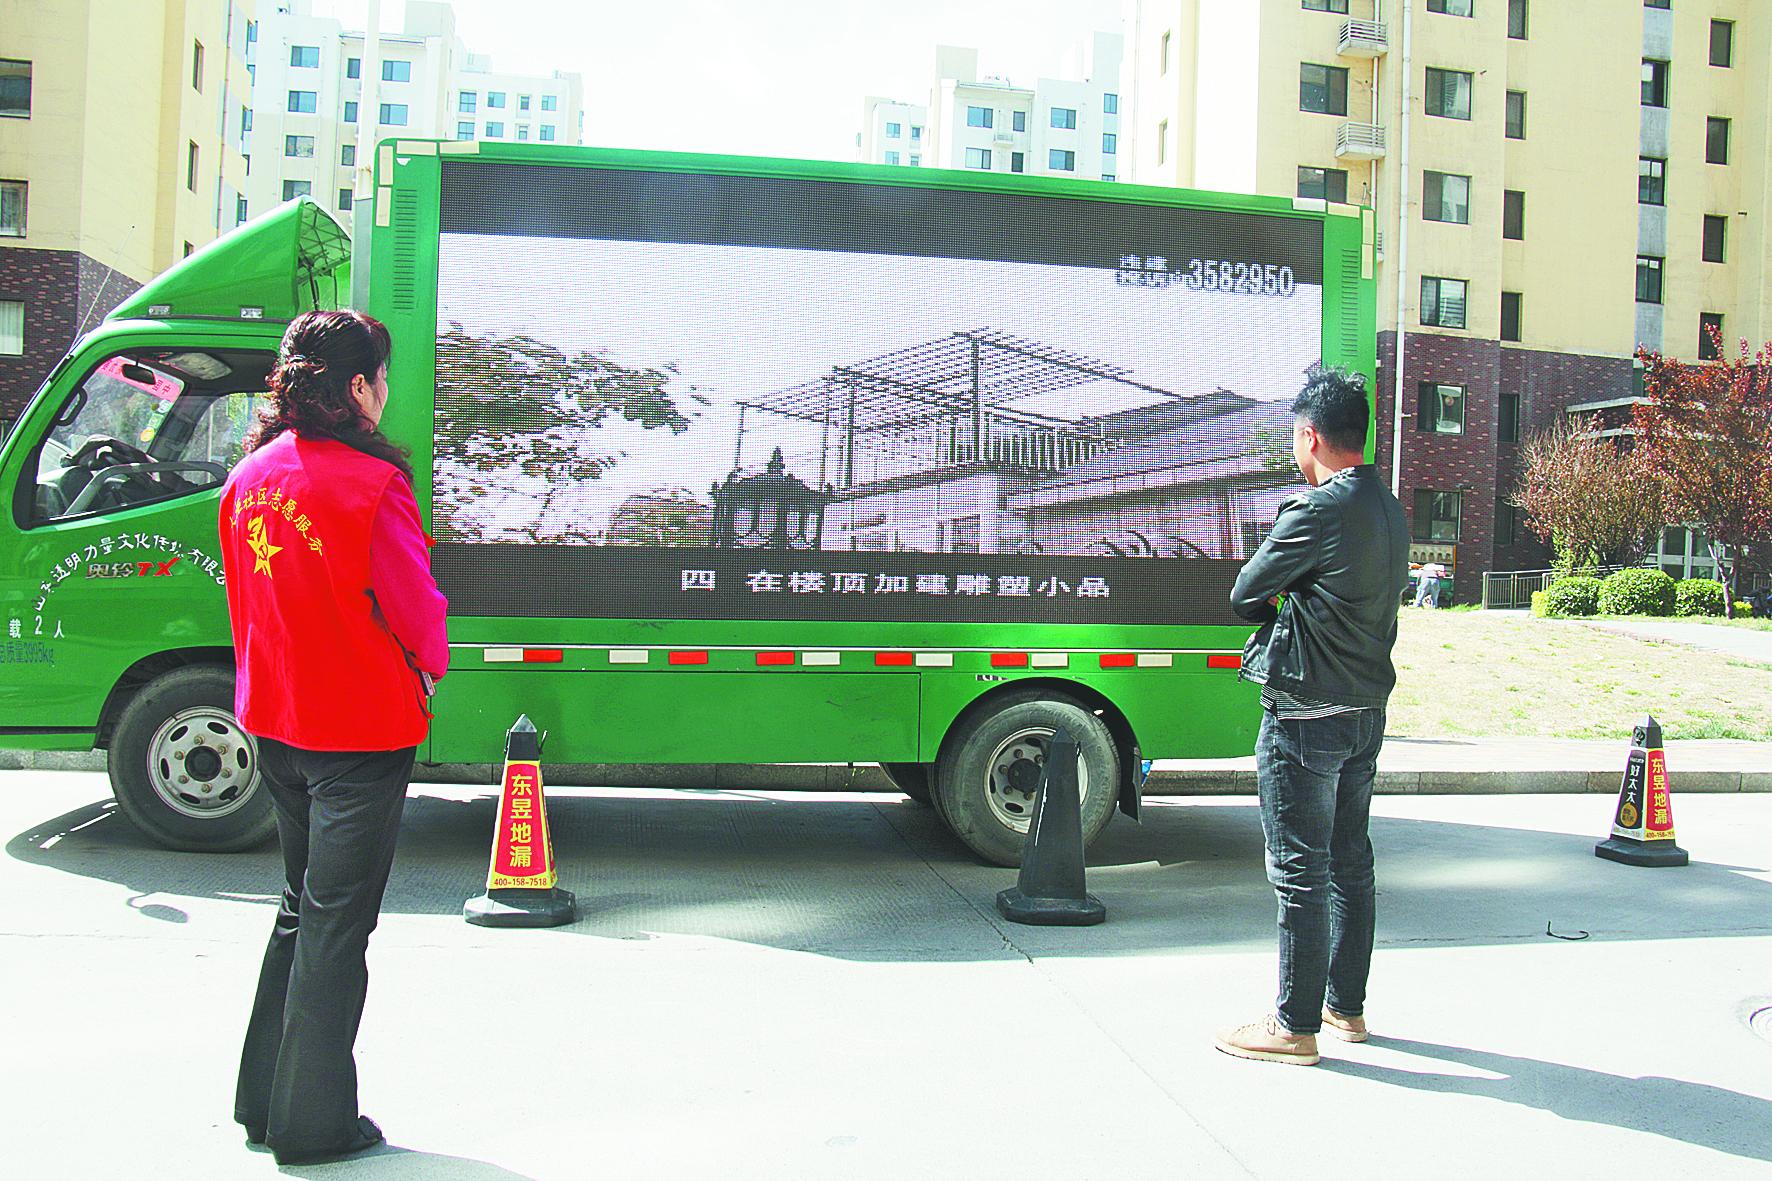 淄博高新区违建治理宣传车开进社区